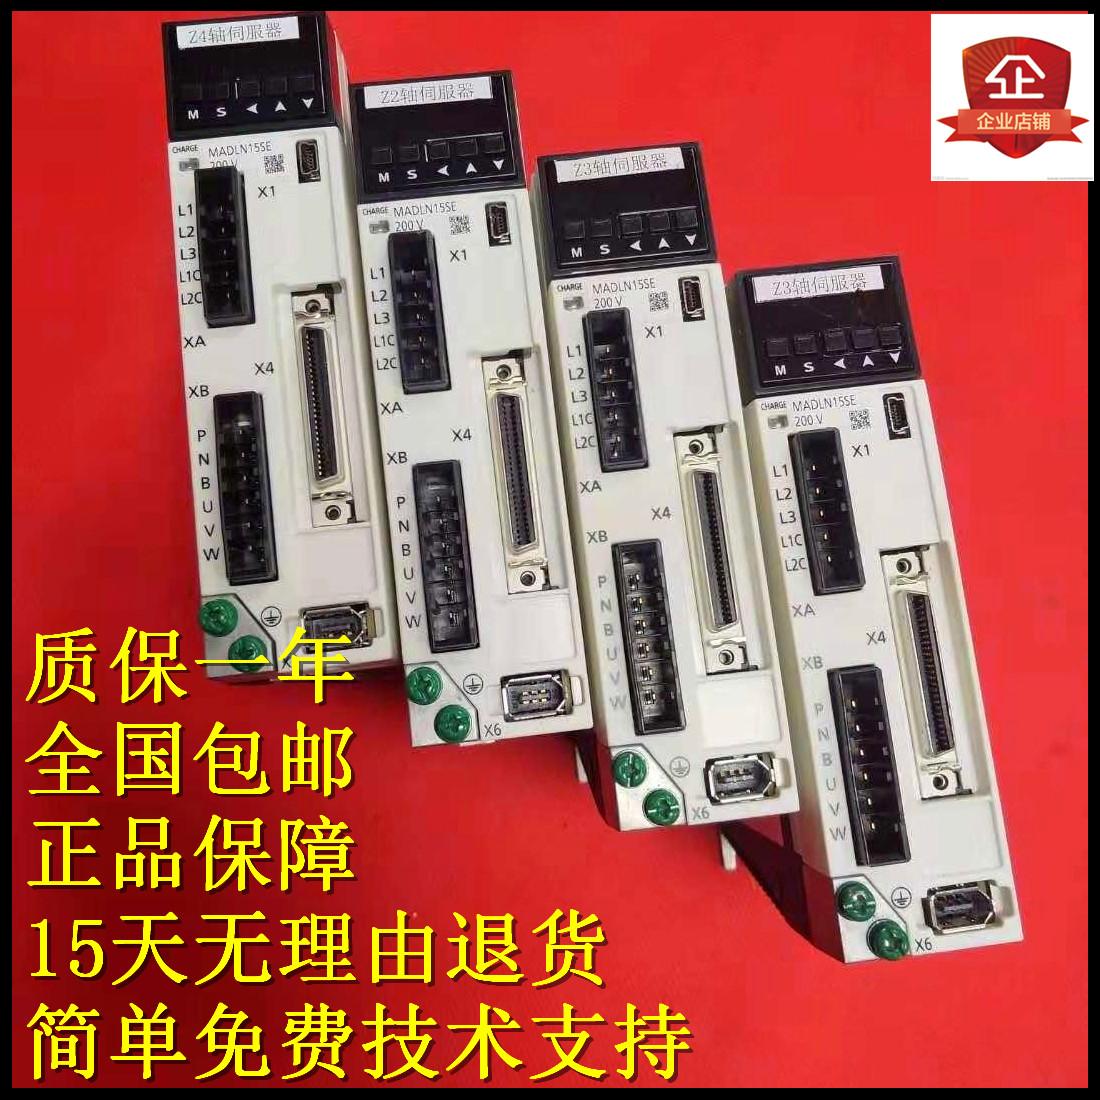 二手 二手拆机松下A6 200W伺服驱动器 MADLN15SE 功能完好 另回收